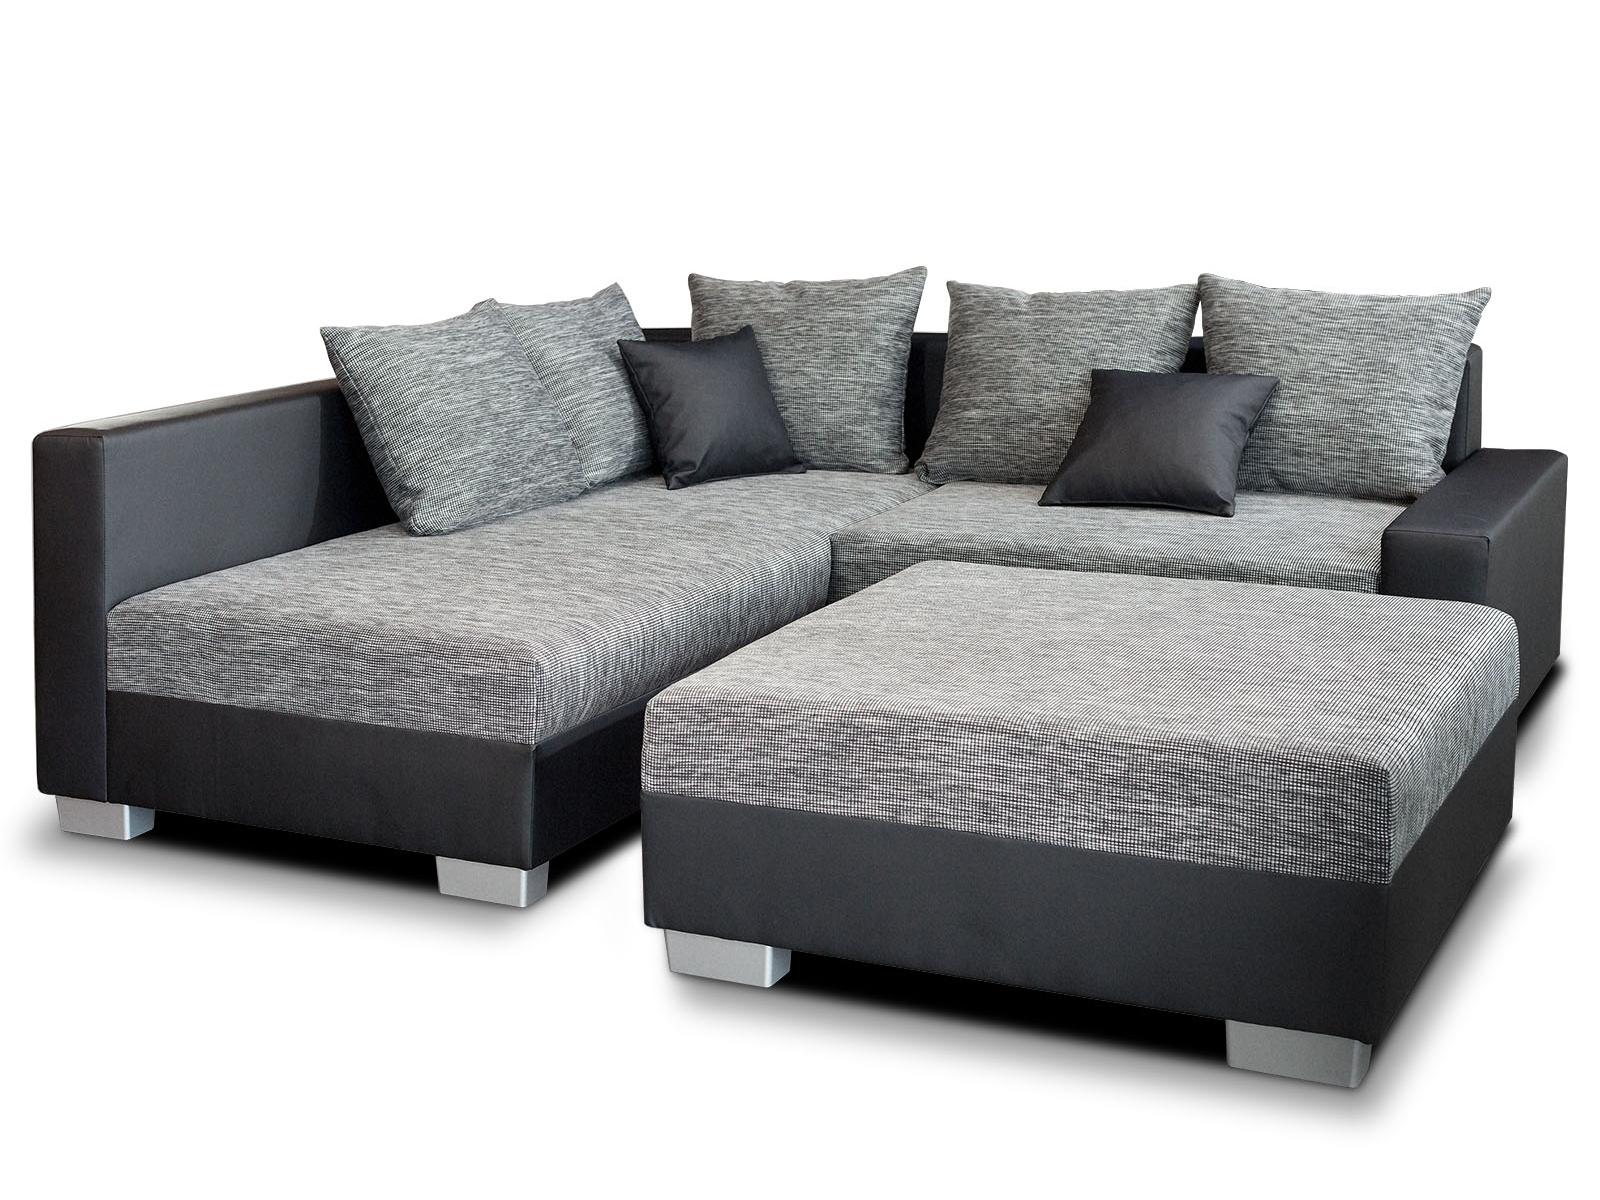 Smartshop Rohová sedačka ZOA 2 levá, šedá látka/černá ekokůže